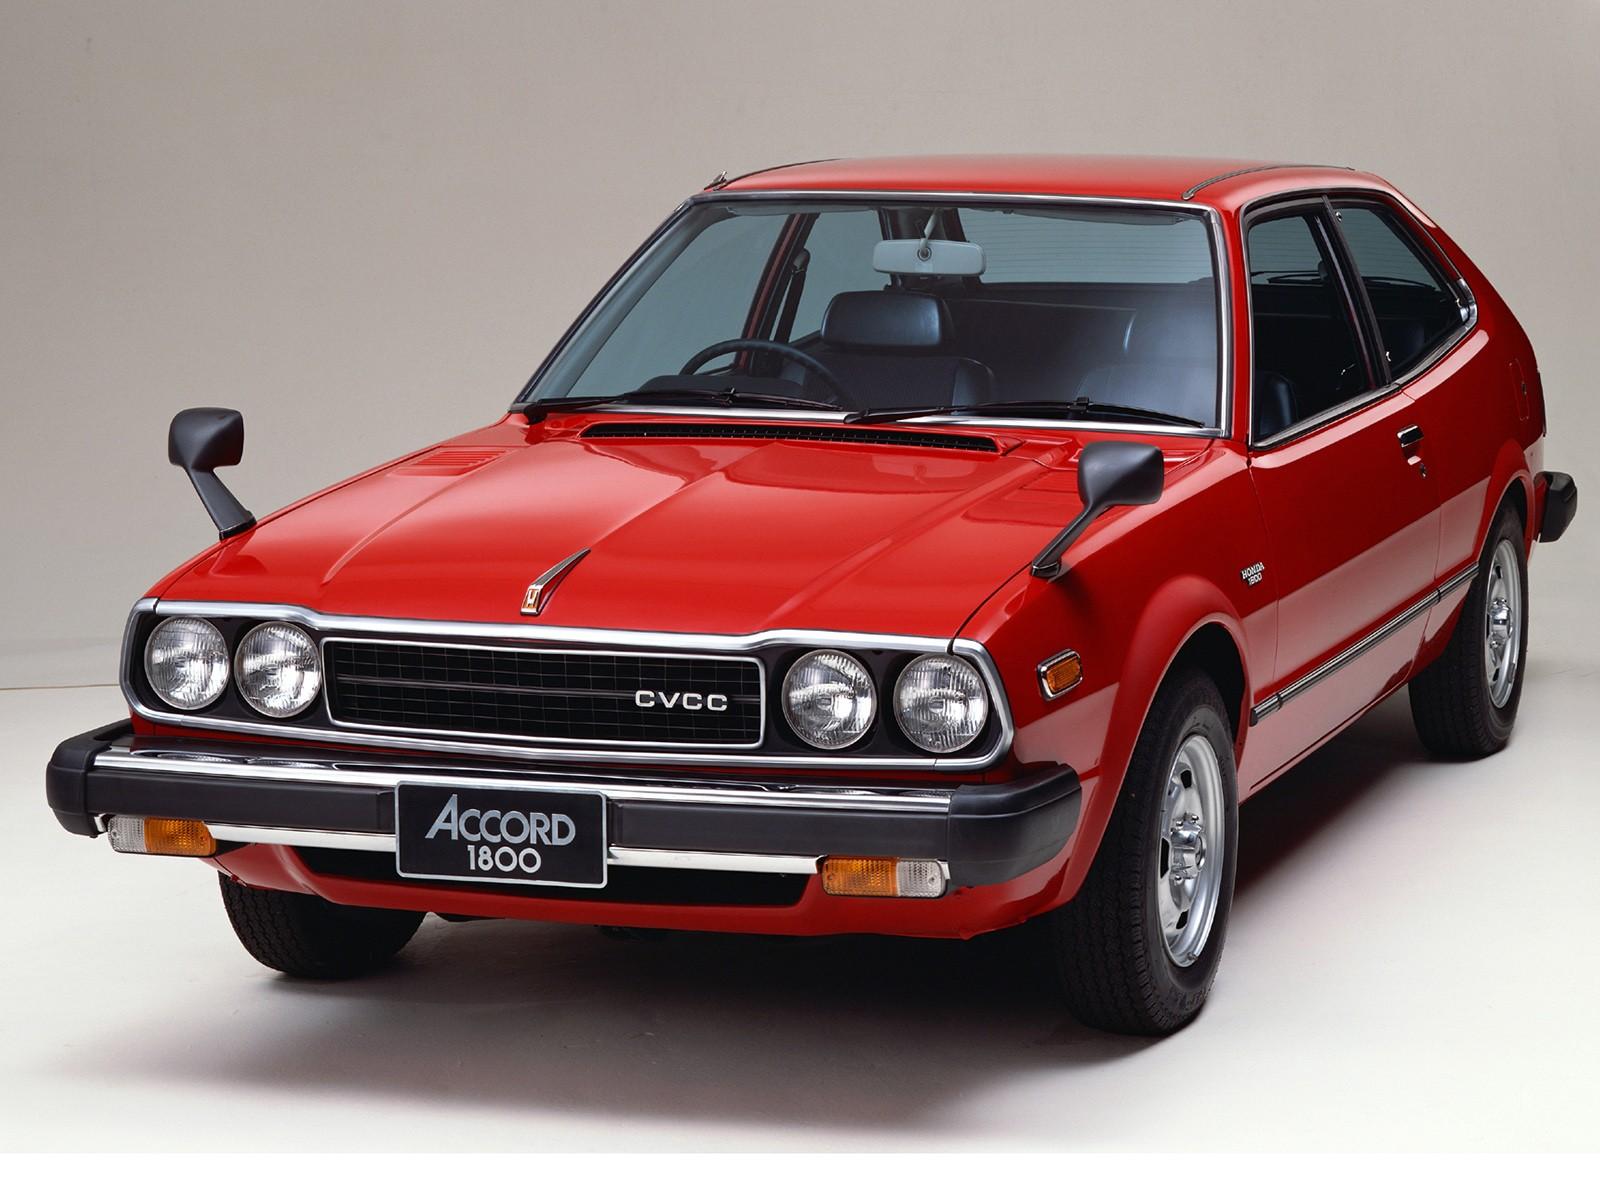 Honda accord 3 doors specs 1976 1977 1978 1979 1980 for Honda accord models